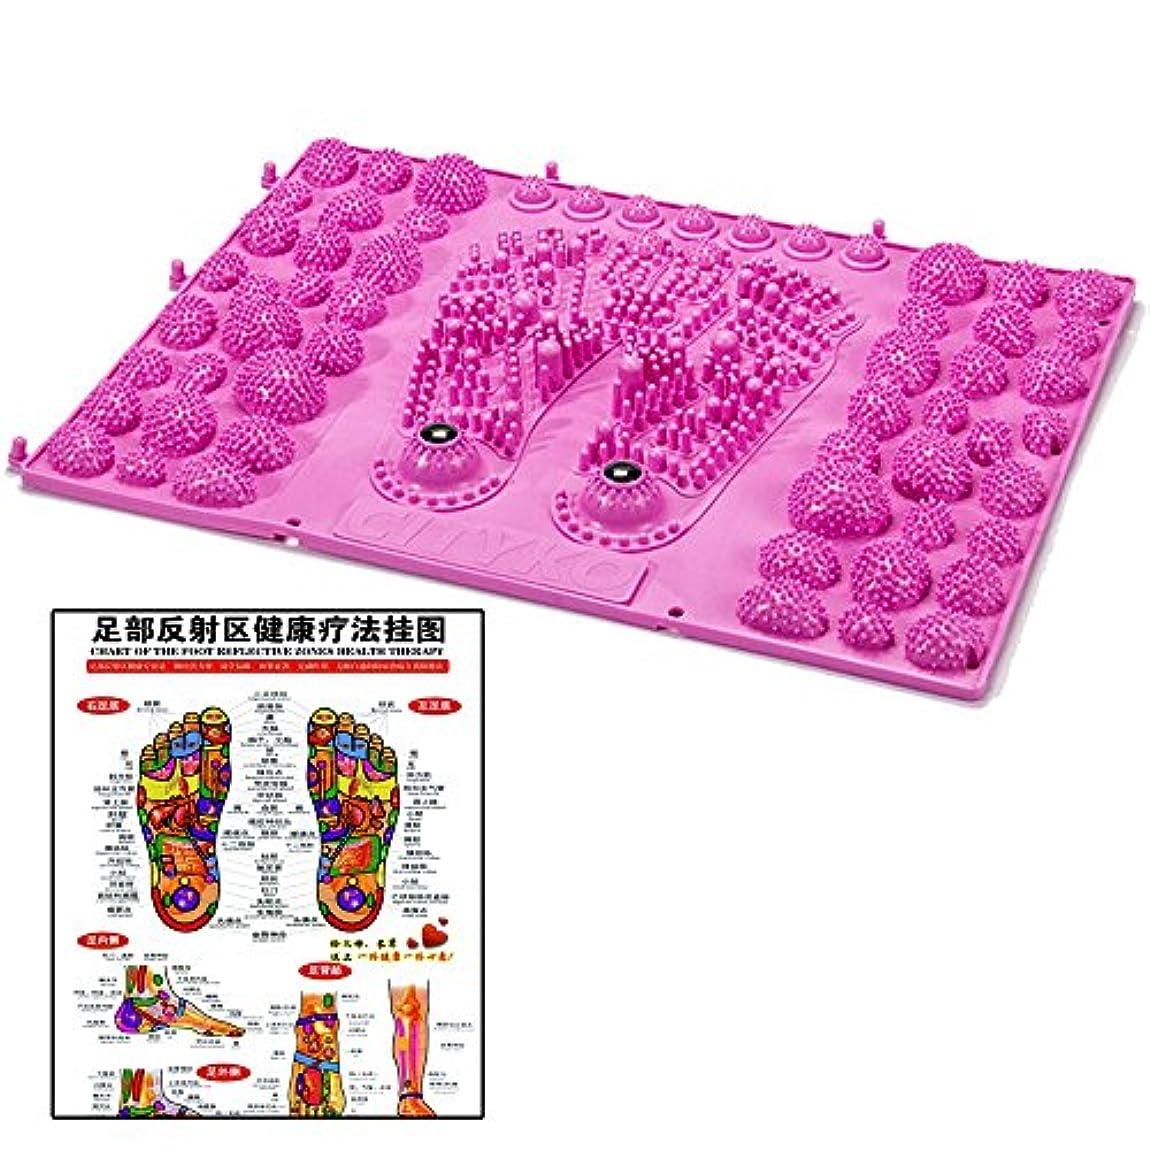 マイナス間に合わせ雄弁な(POMAIKAI) 足型 足ツボ 健康 マット ダイエット 足裏マッサージ 反射区 マップ セット (ピンク)